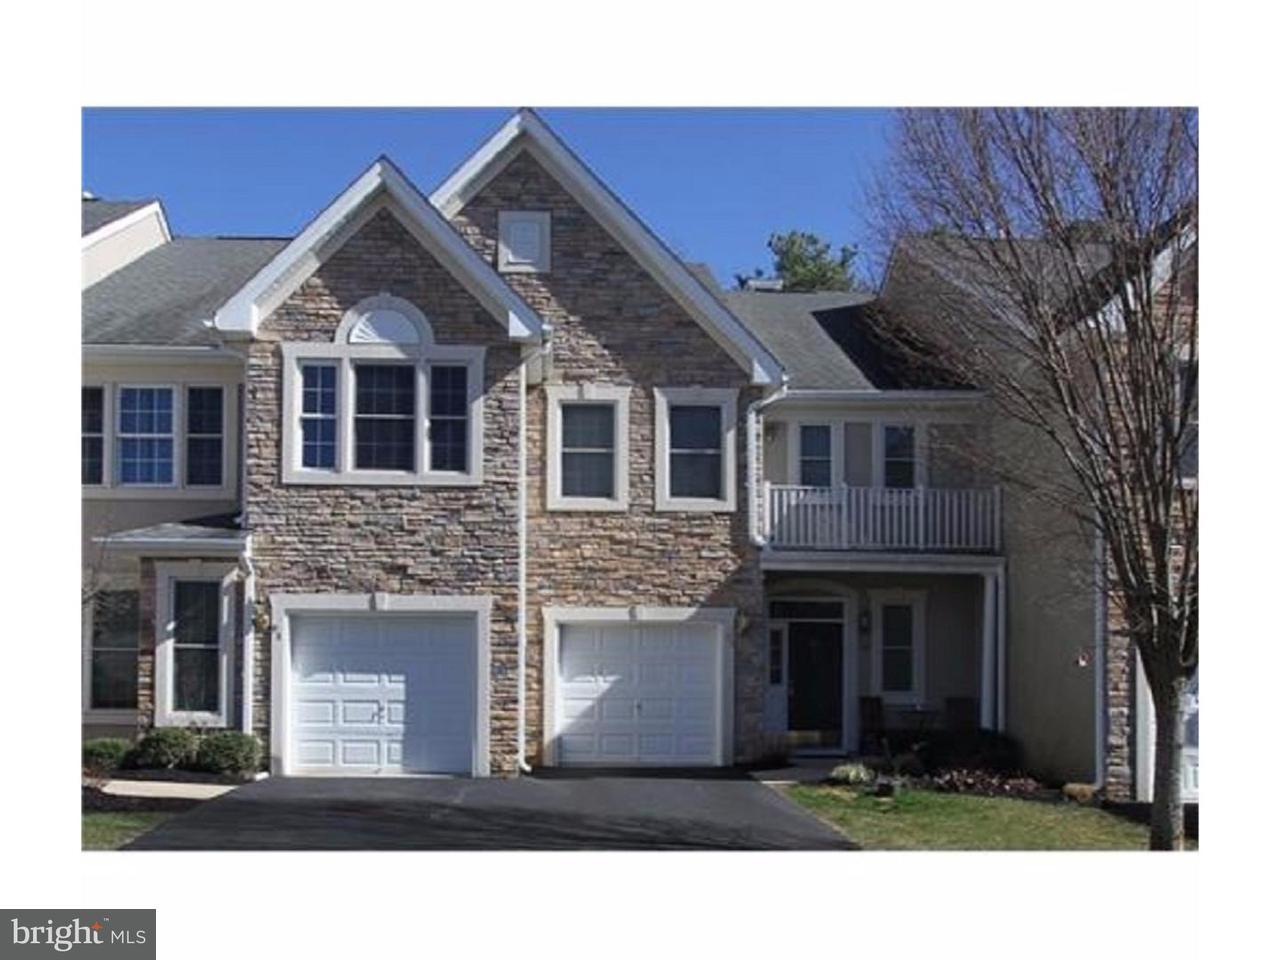 Casa unifamiliar adosada (Townhouse) por un Alquiler en 93 OSPREY Drive Old Bridge, Nueva Jersey 08857 Estados Unidos